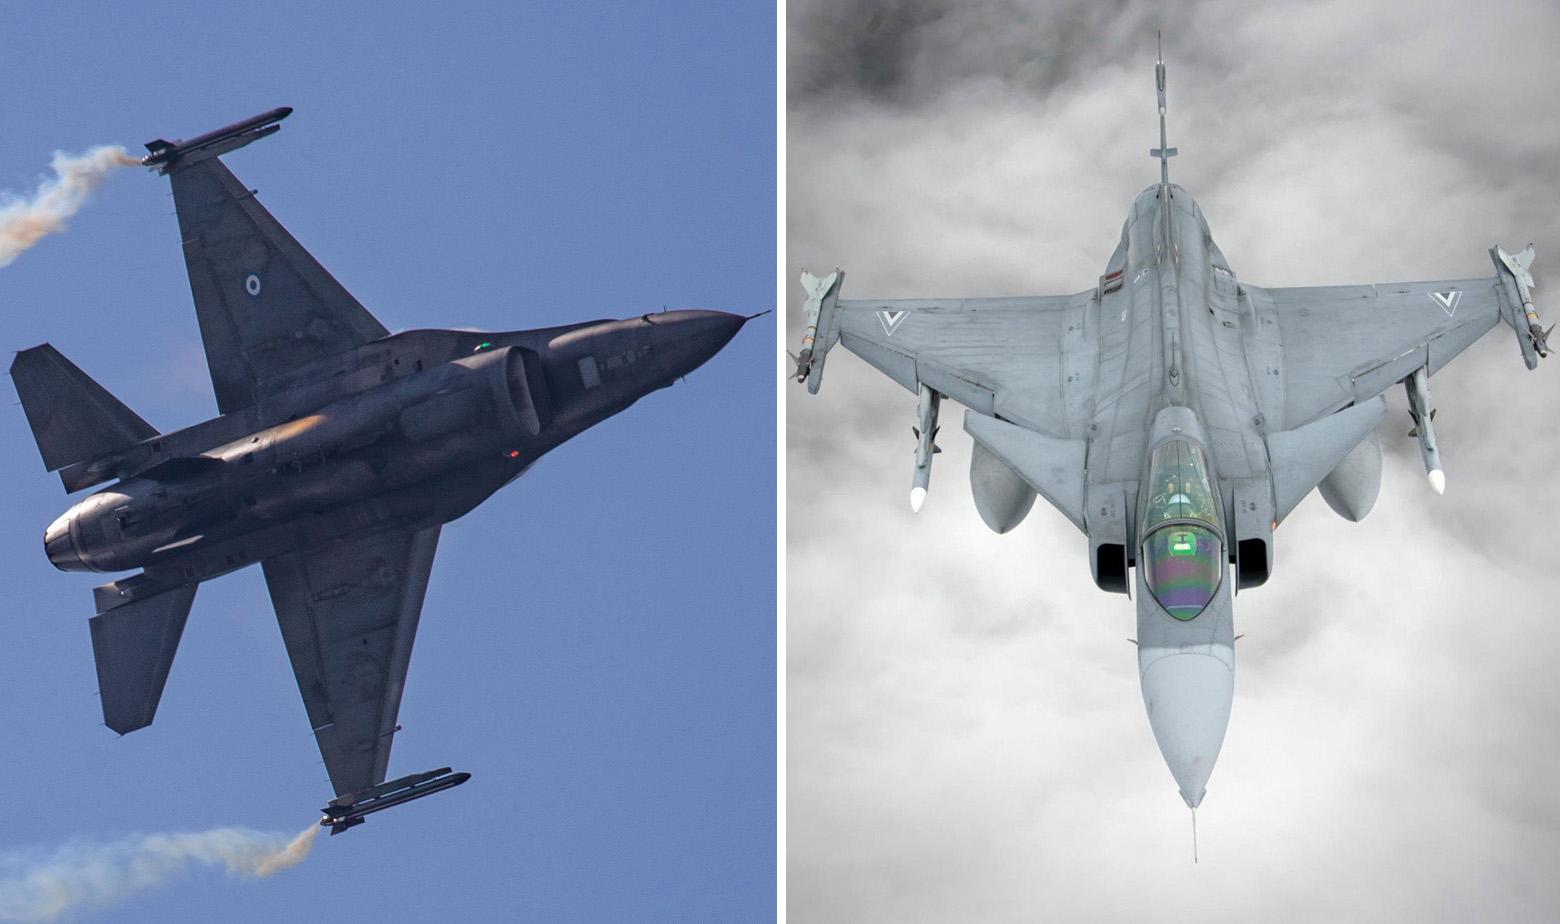 F-16 Zračnih snaga Grčke i JAS 39 Gripen Zračnih snaga Mađarske